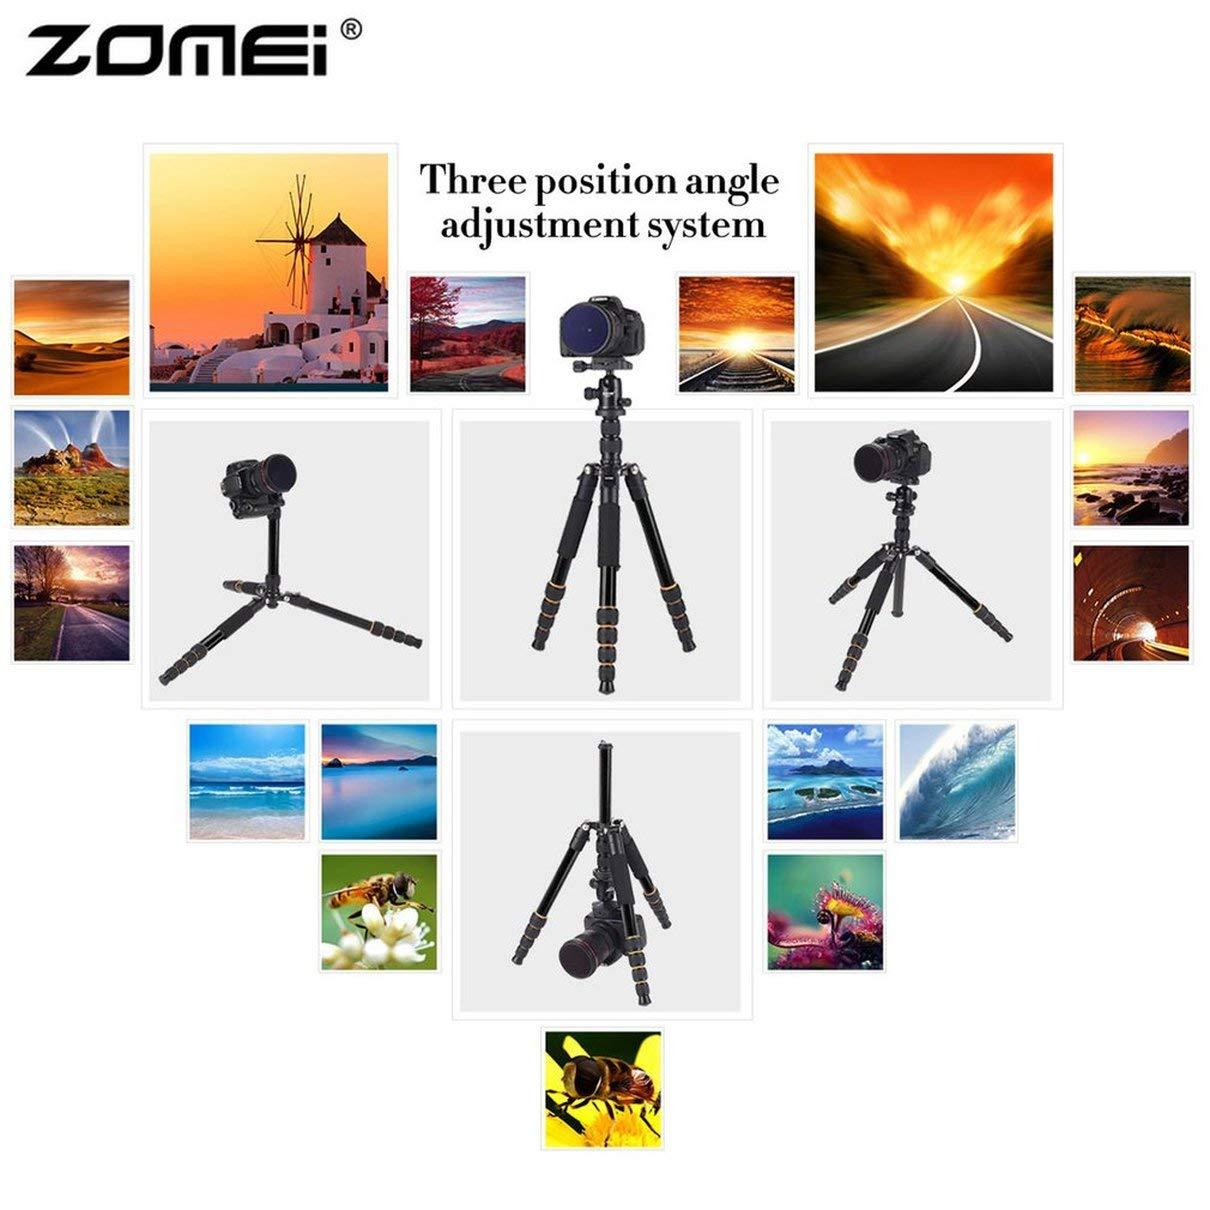 Zomei Q666 プロフェッショナル カメラ 三脚 軽量 ポータブル 旅行 アルミニウム 一脚 デジタル一眼レフカメラ用 360度ボールヘッド   B07MVSHQNX